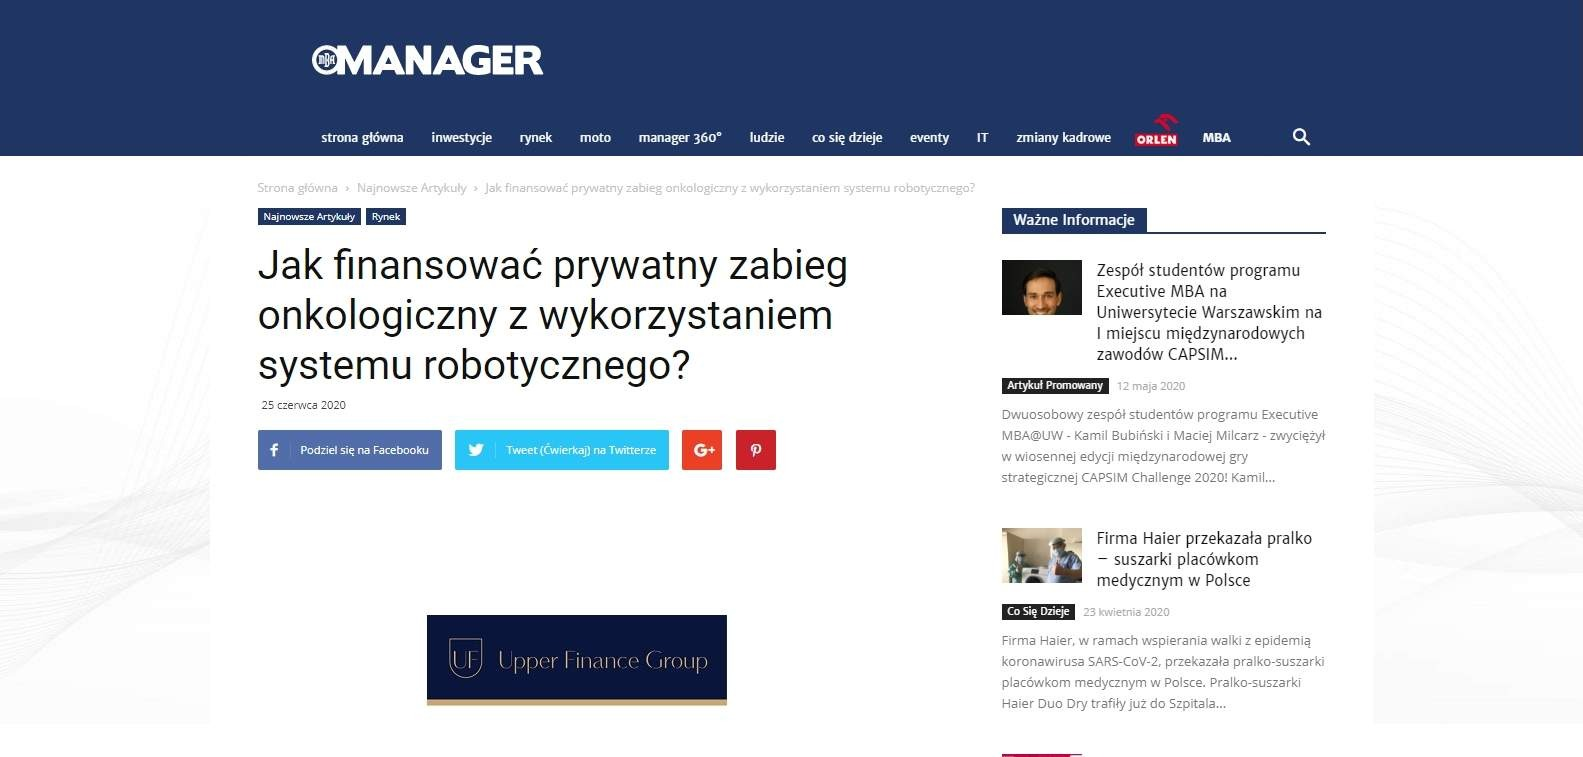 jak finansowac prywatny zabieg onkologiczny z wykorzystaniem systemu robotycznego